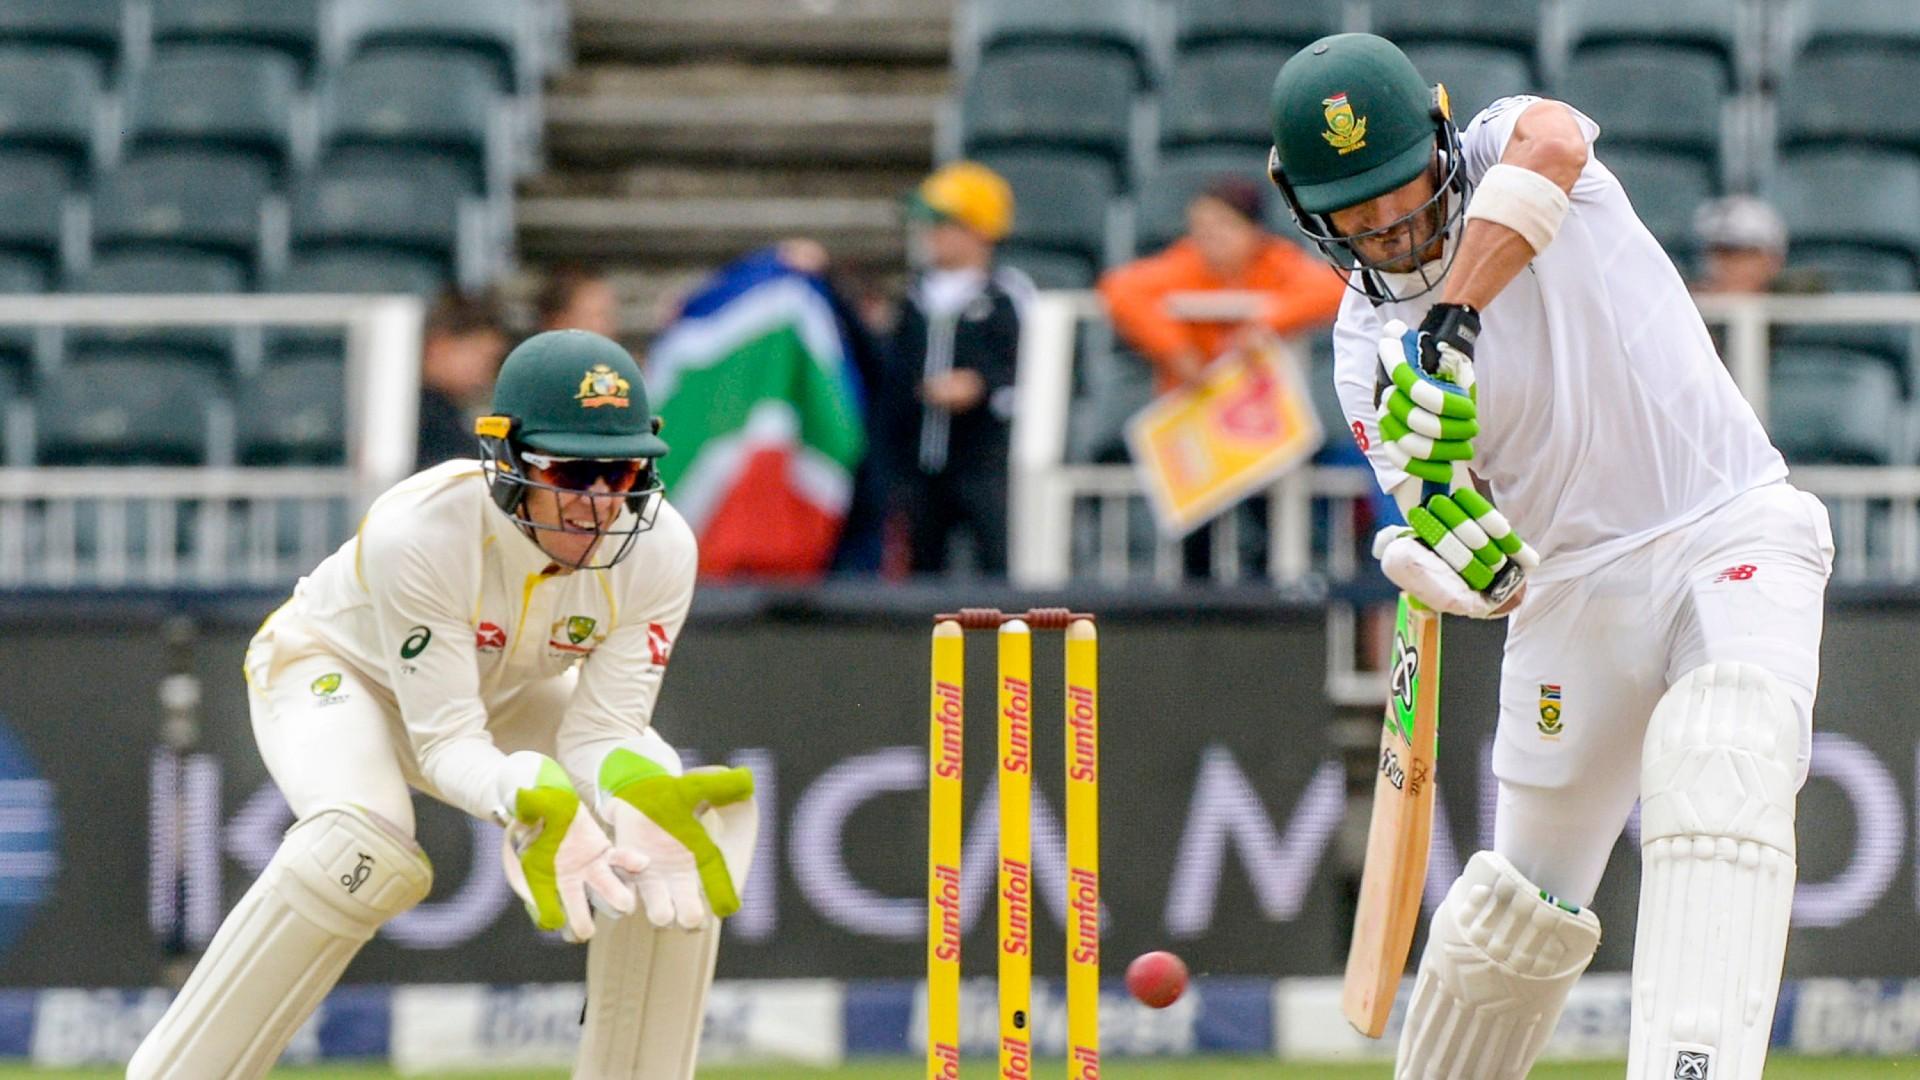 Australia keen to rearrange Test tour of South Africa